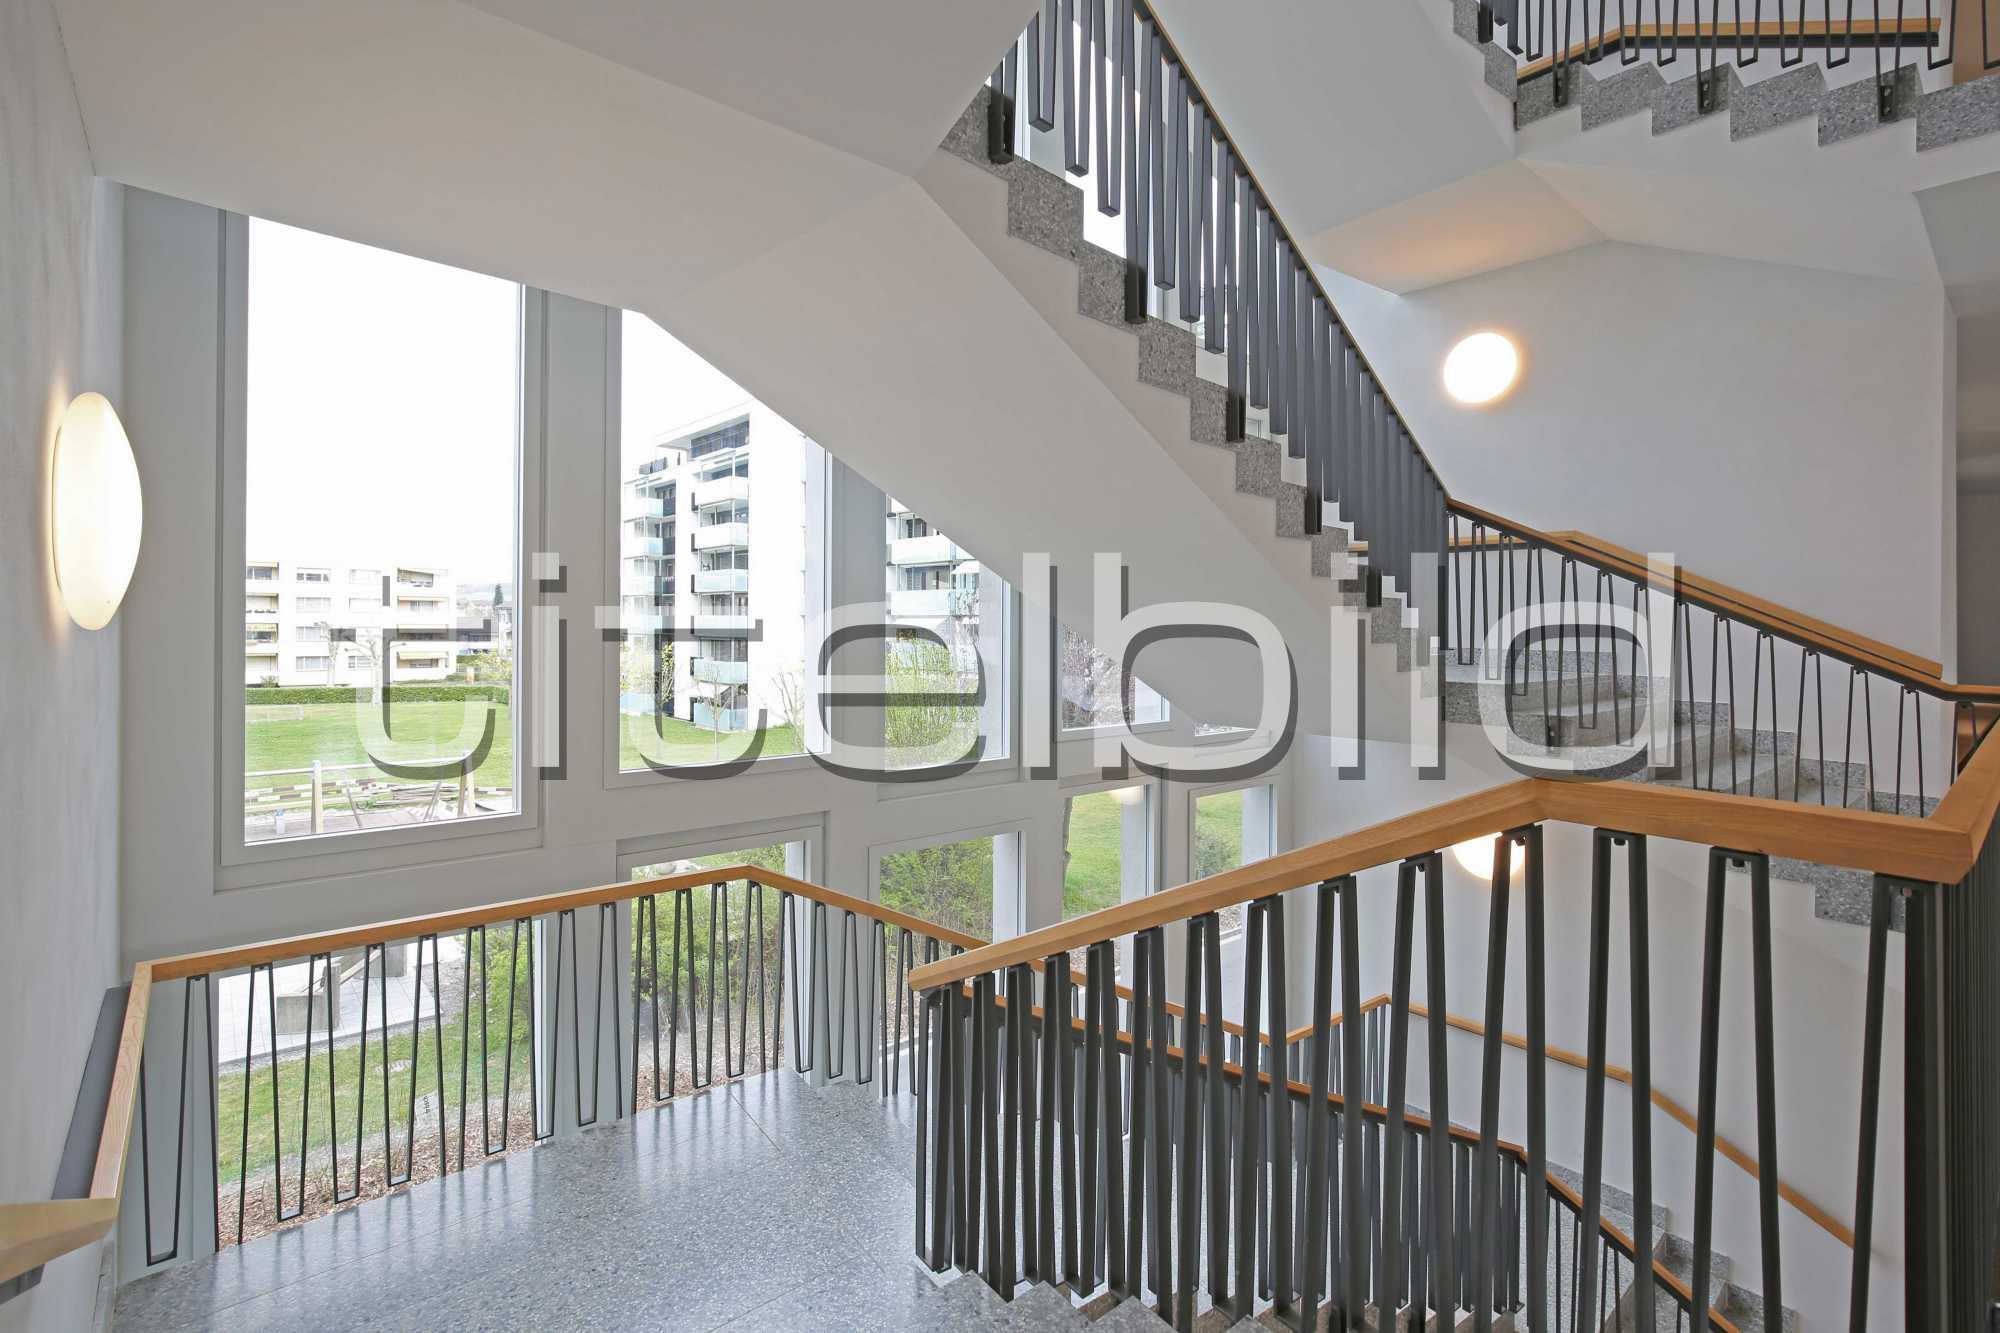 Projektbild-Nr. 5: Schulanlage Neuenhof Schulhaus Schibler